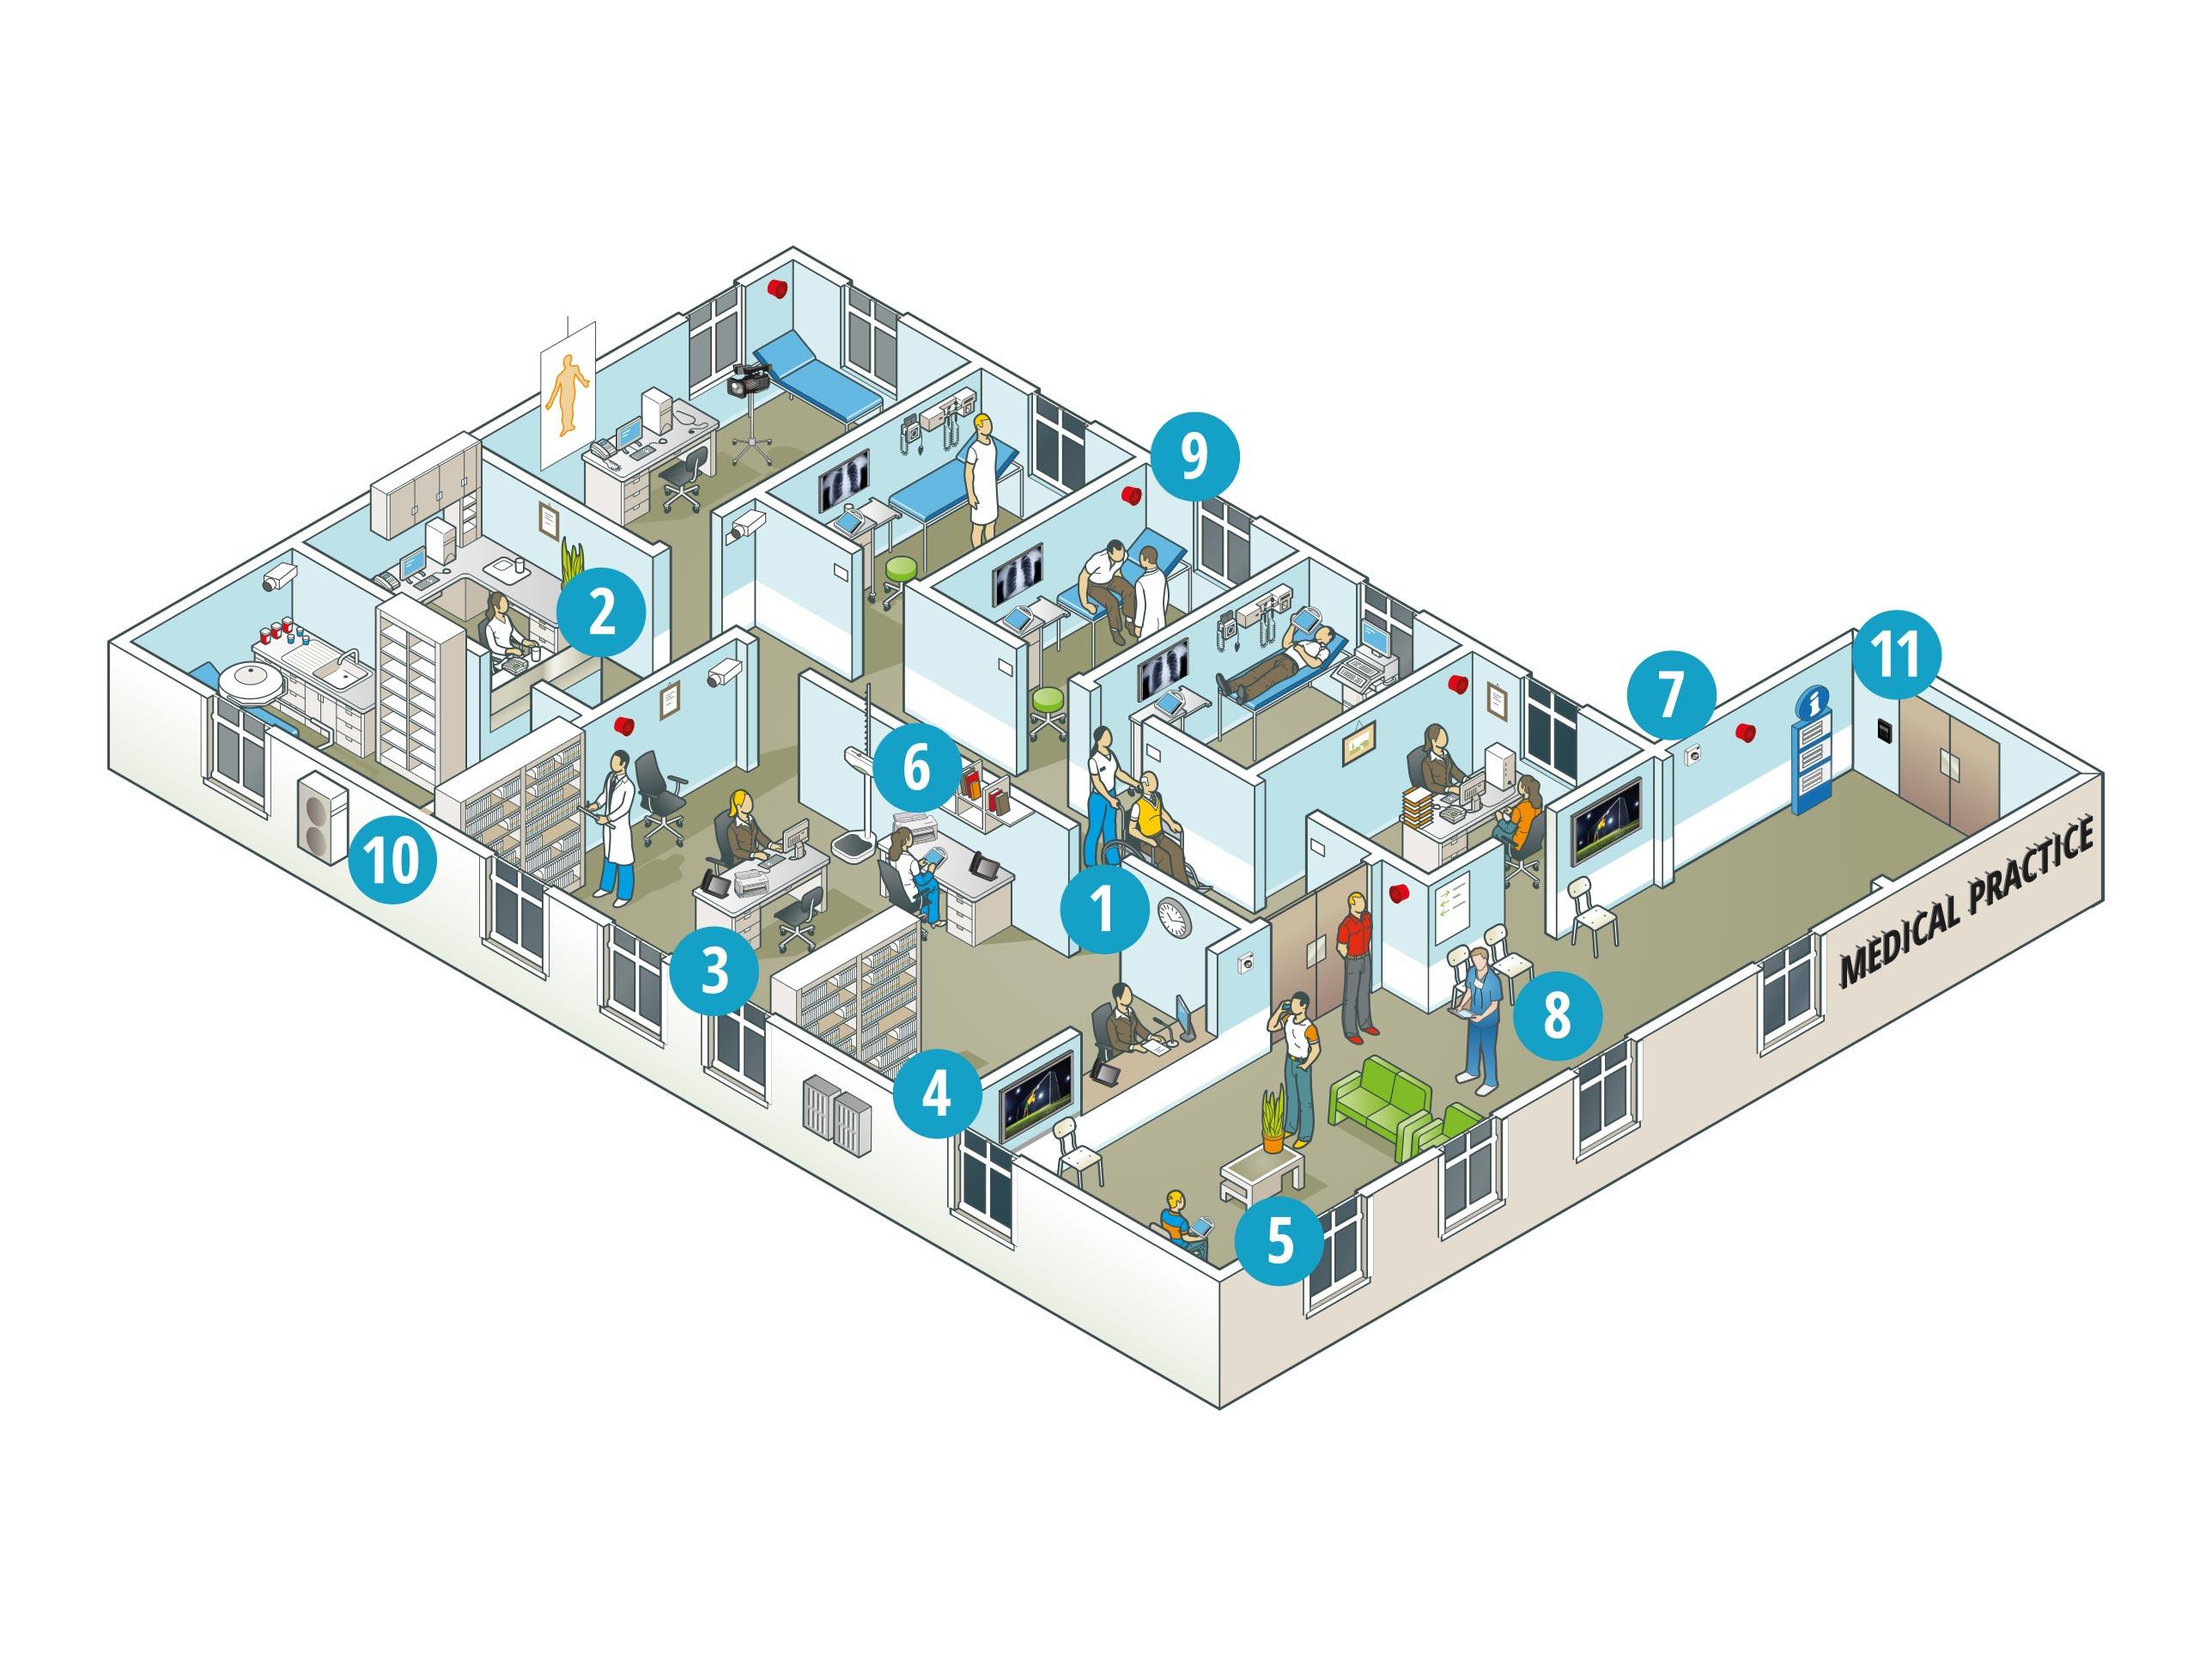 Comment les solutions de Panasonic aident-elles les cabinets médicaux?